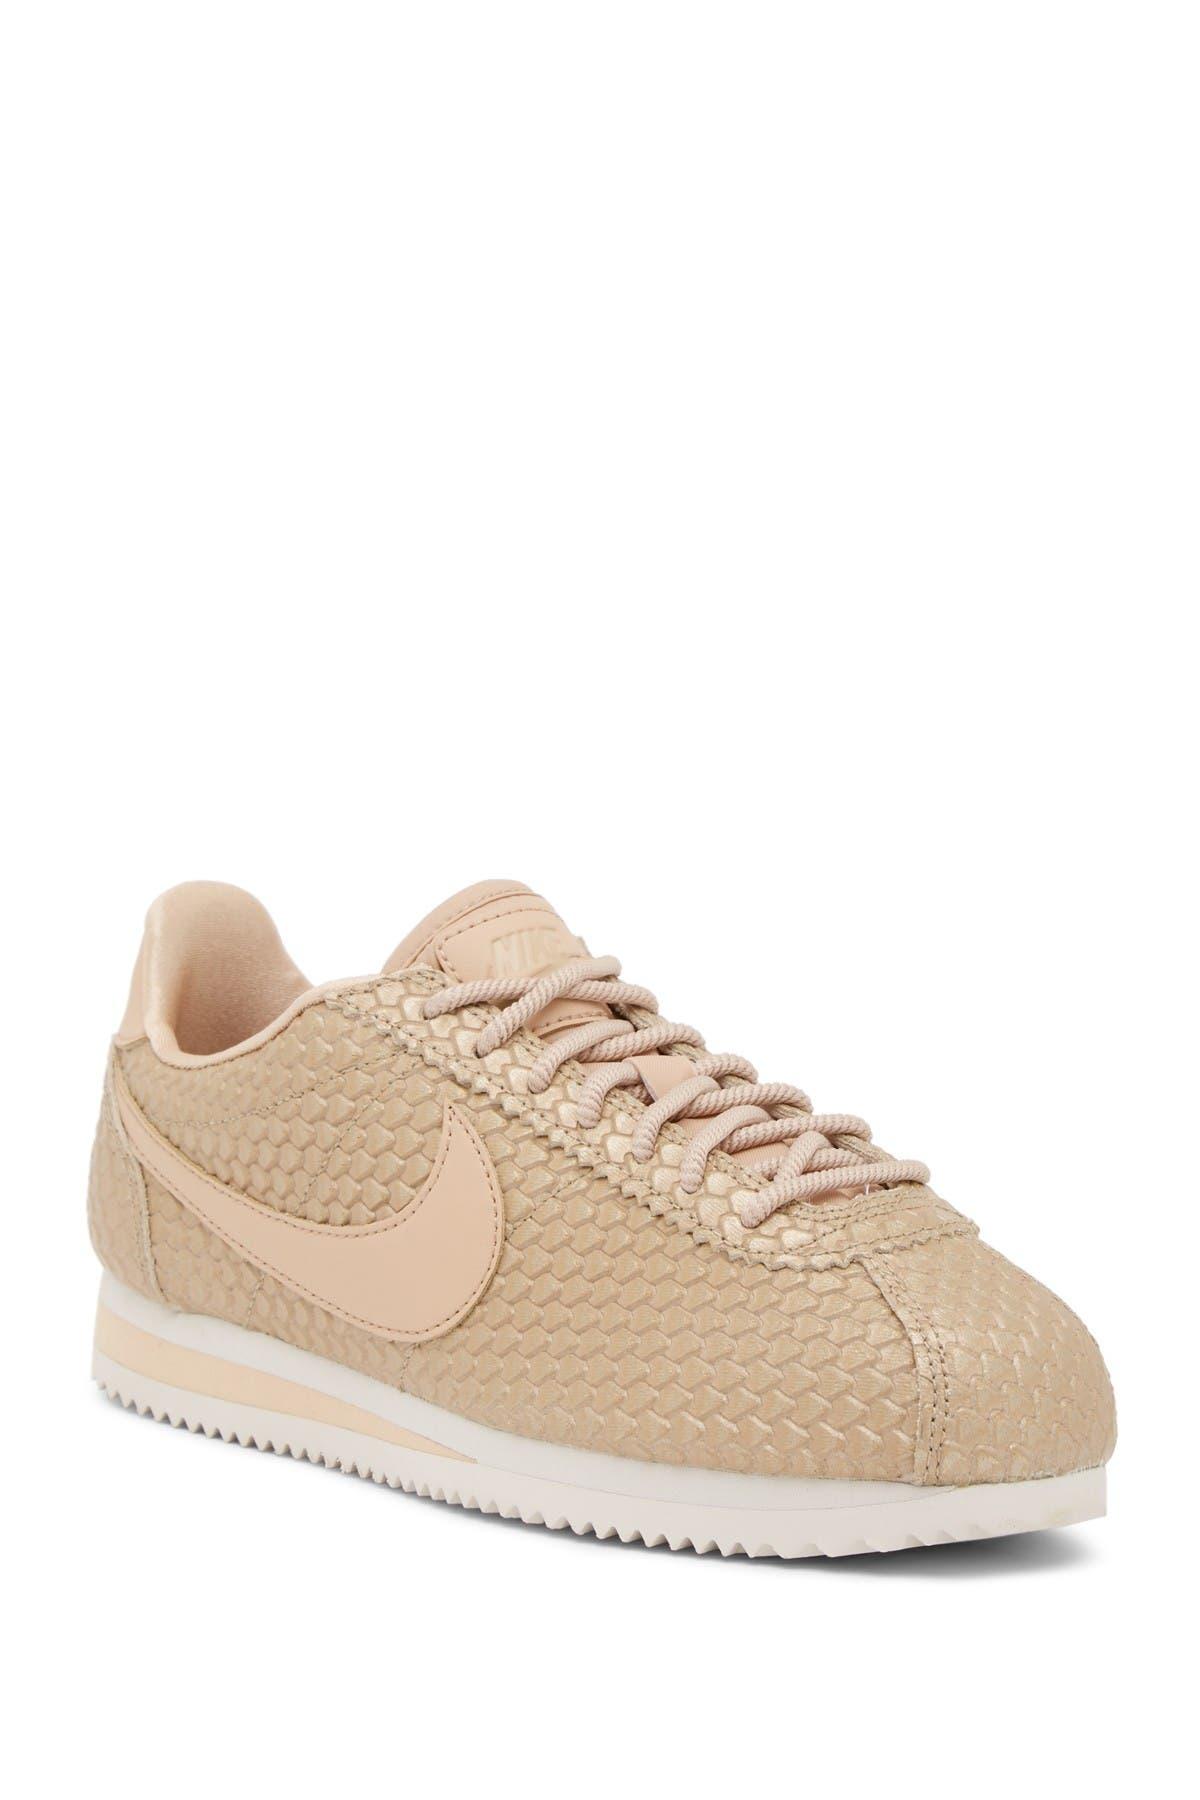 Nike | Classic Cortez SE Sneaker